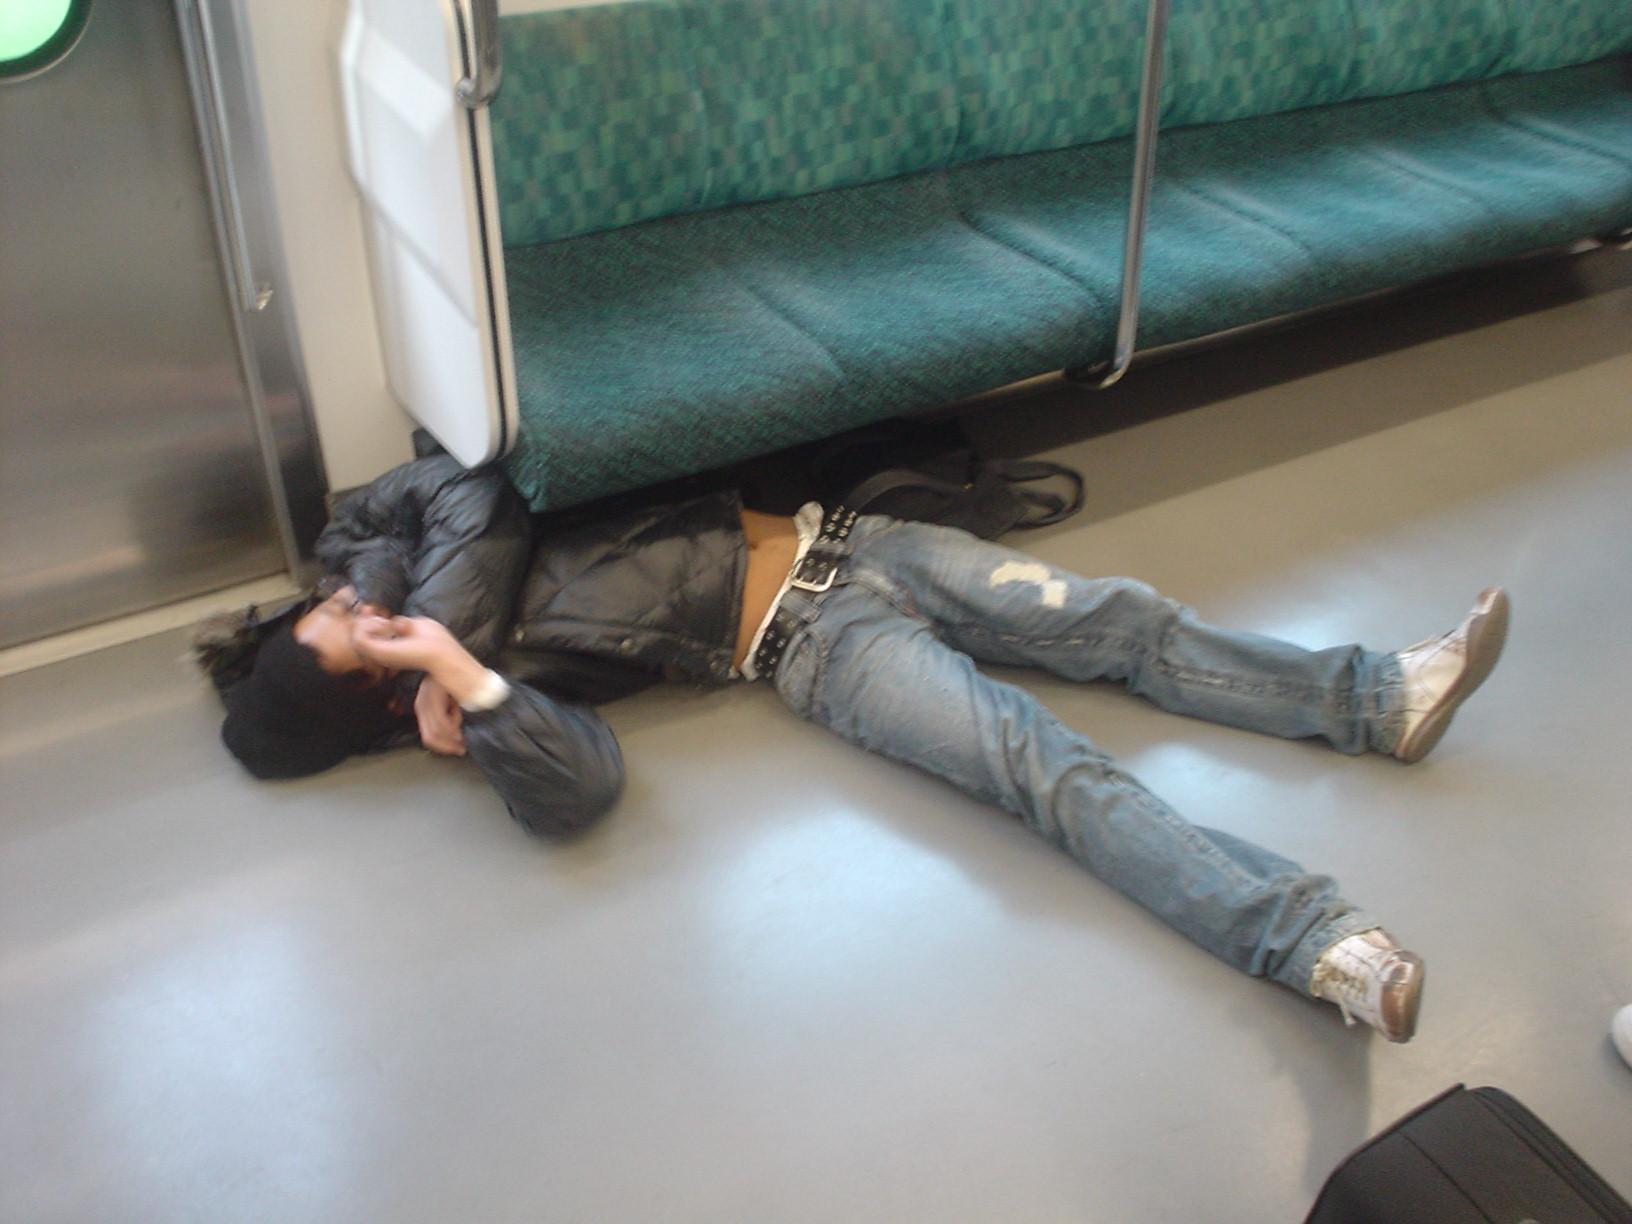 Free Sleeping Teens